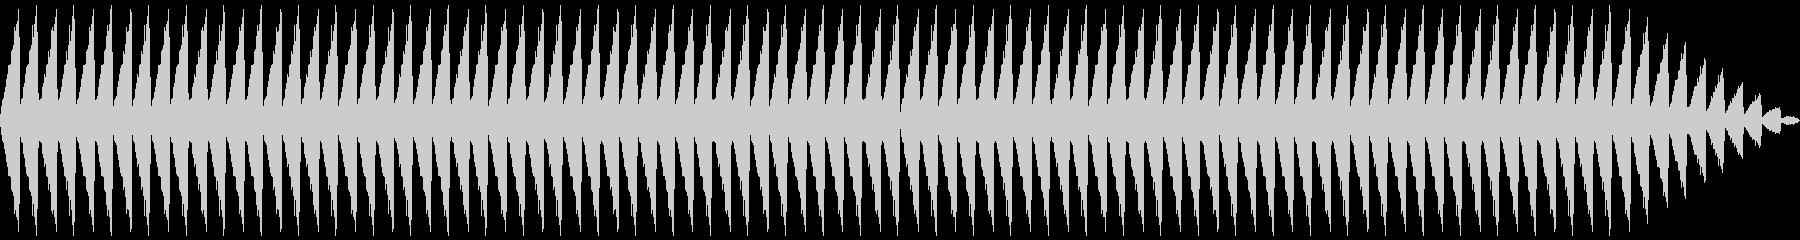 ホラー音源の未再生の波形